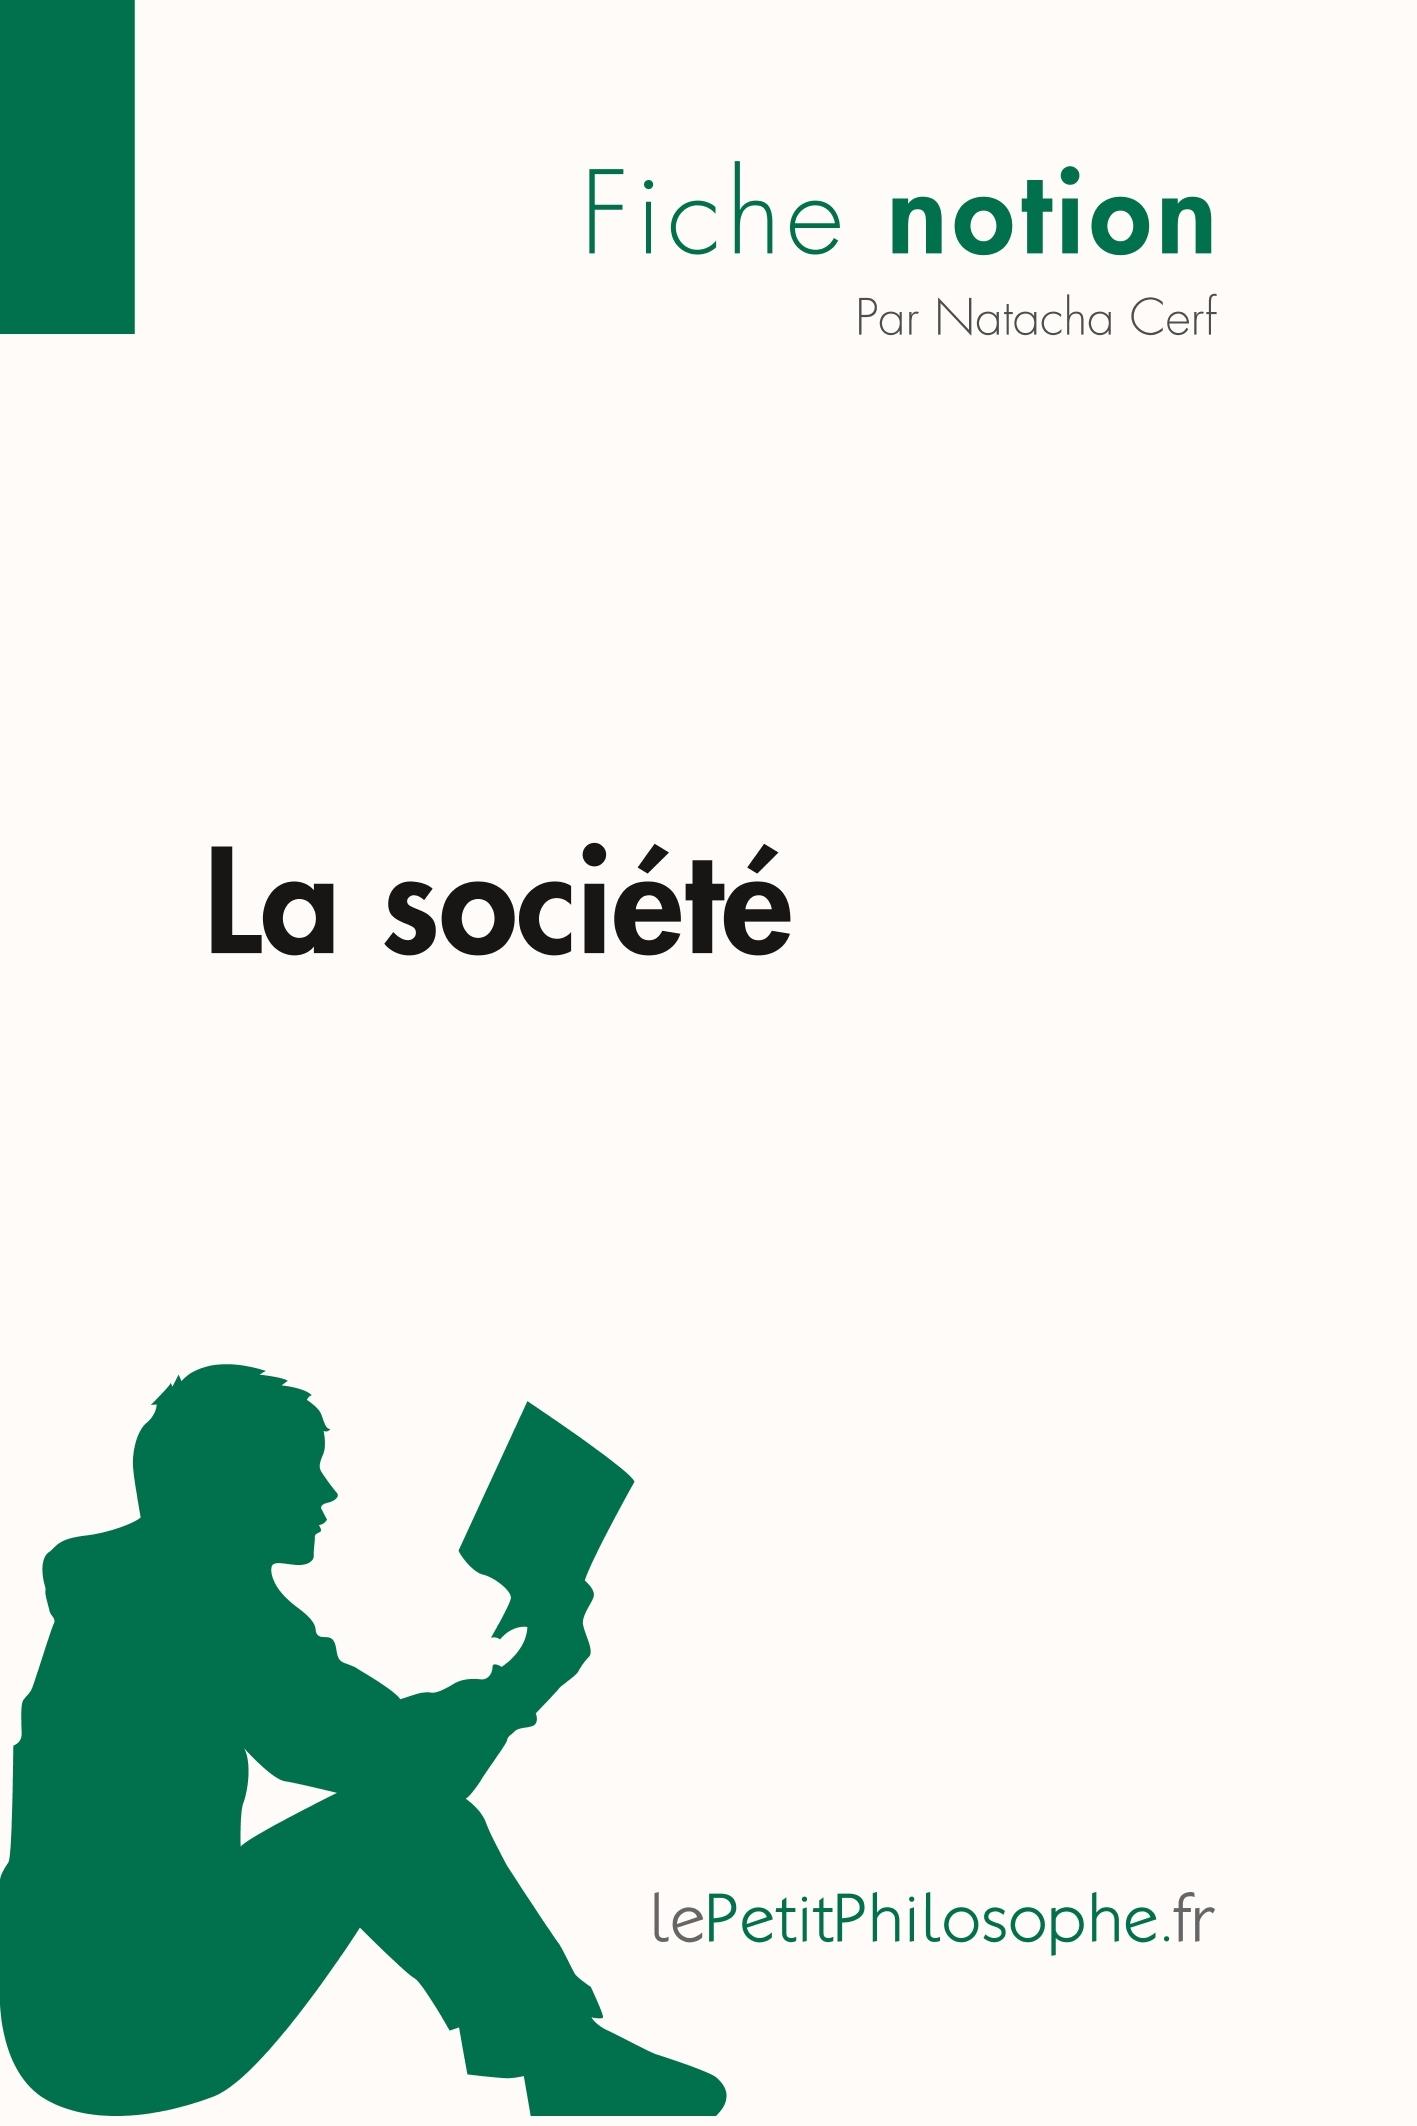 LA SOCIETE (FICHE NOTION)